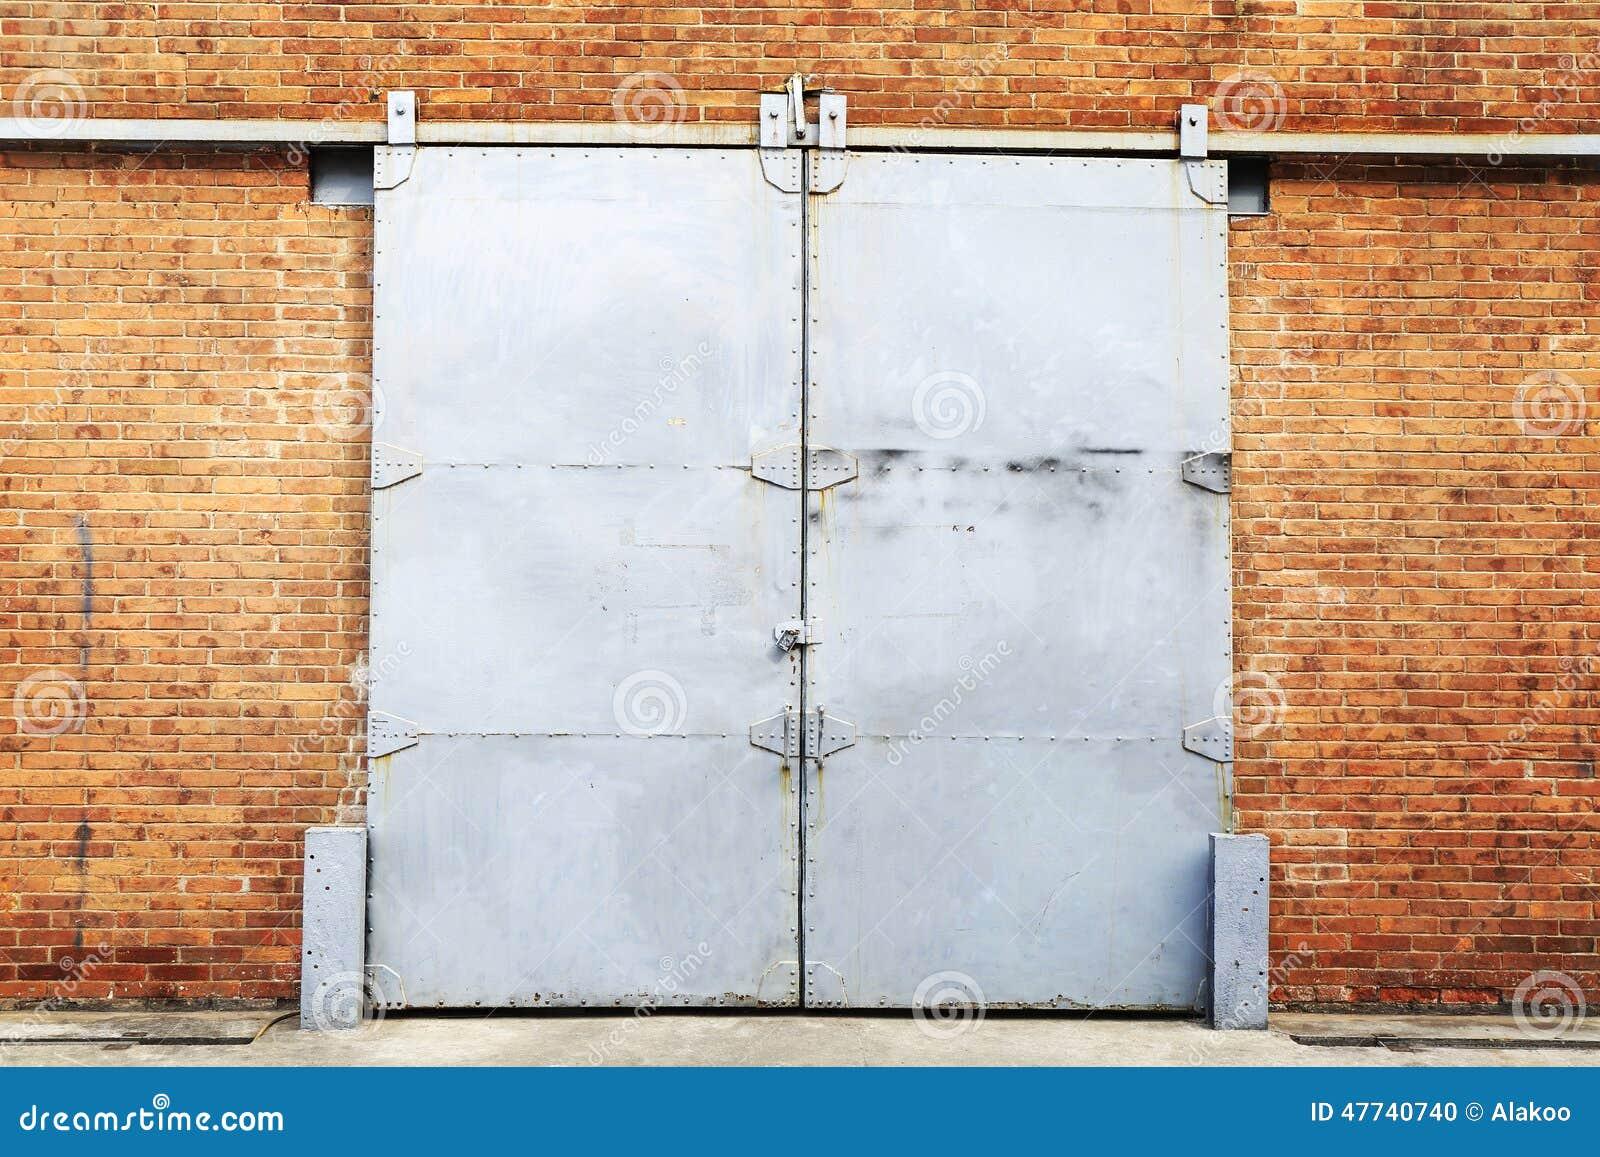 Barn Door Stock Photo Image Of Door Outdoors Architecture 47740740